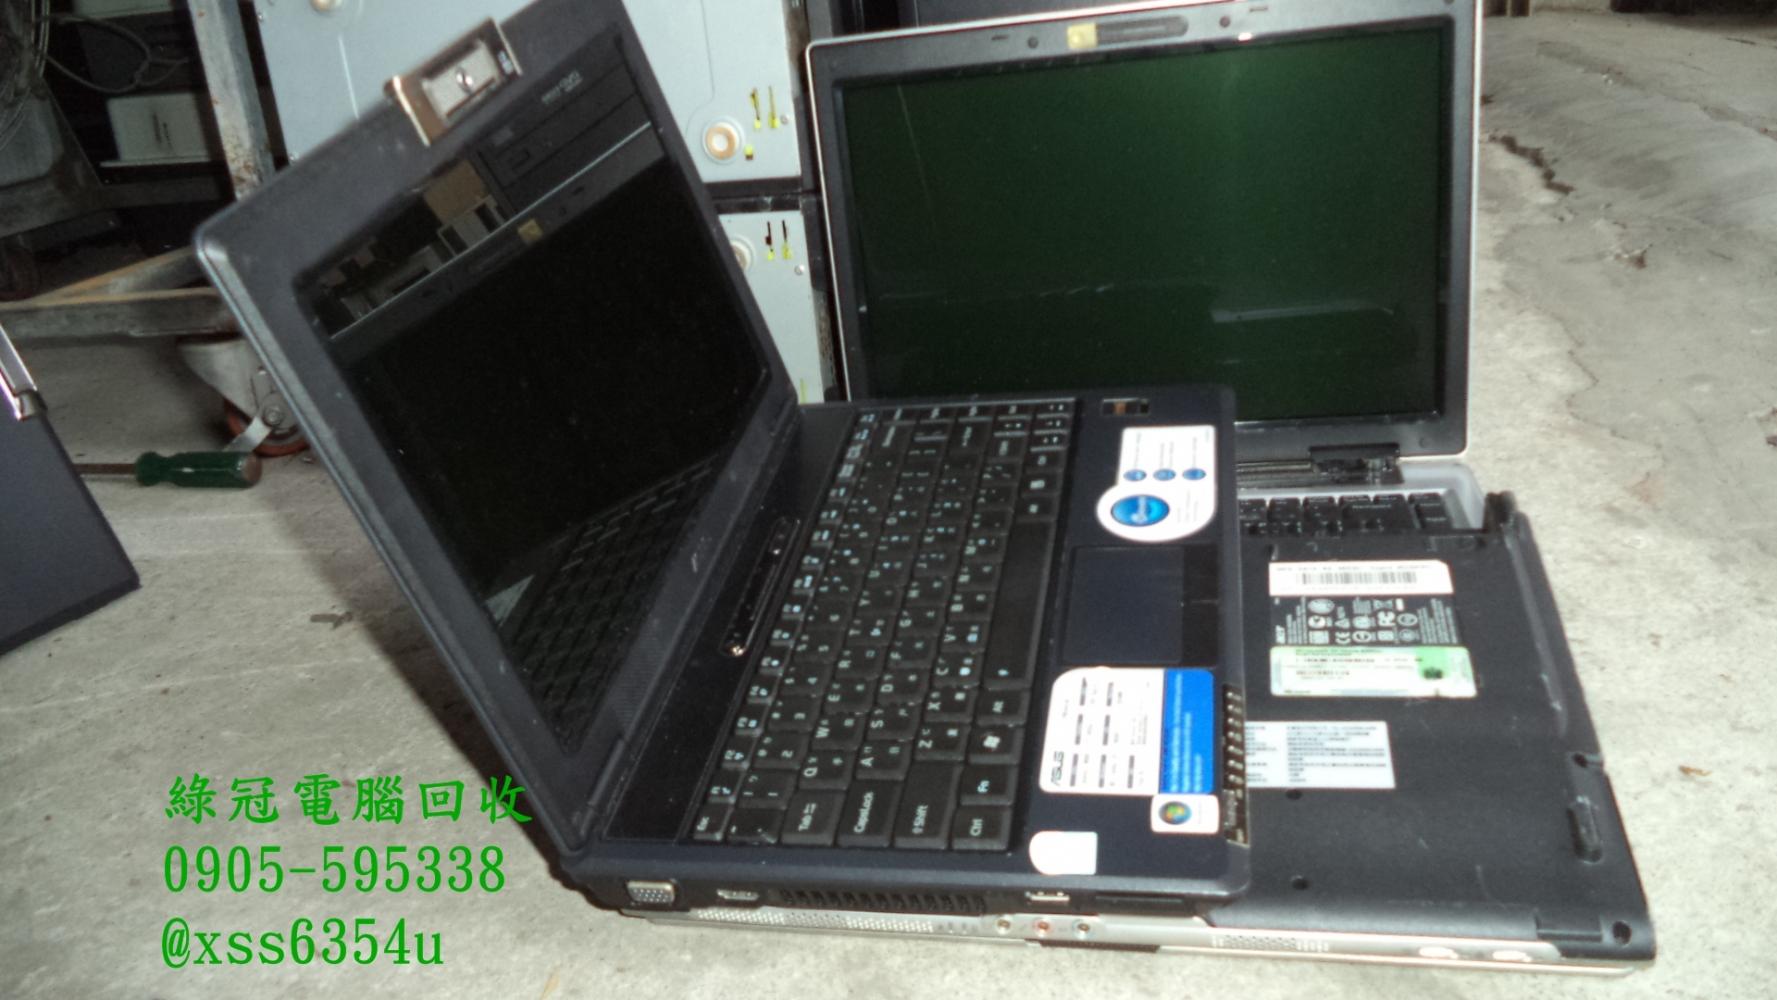 綠冠│電腦資訊回收價格